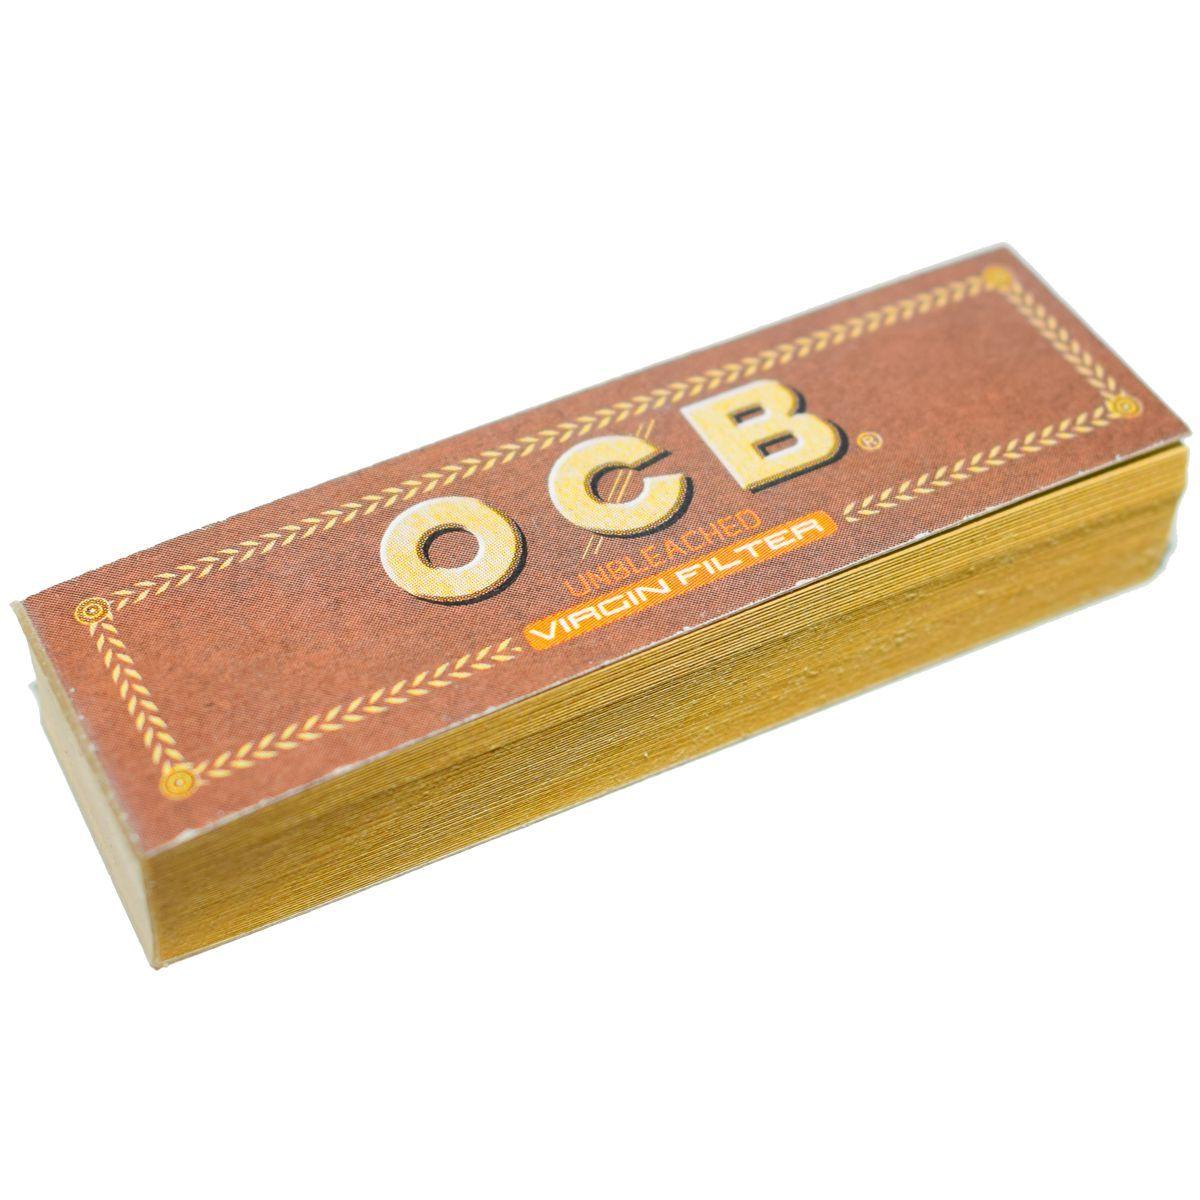 filtros ocb carton unbleached